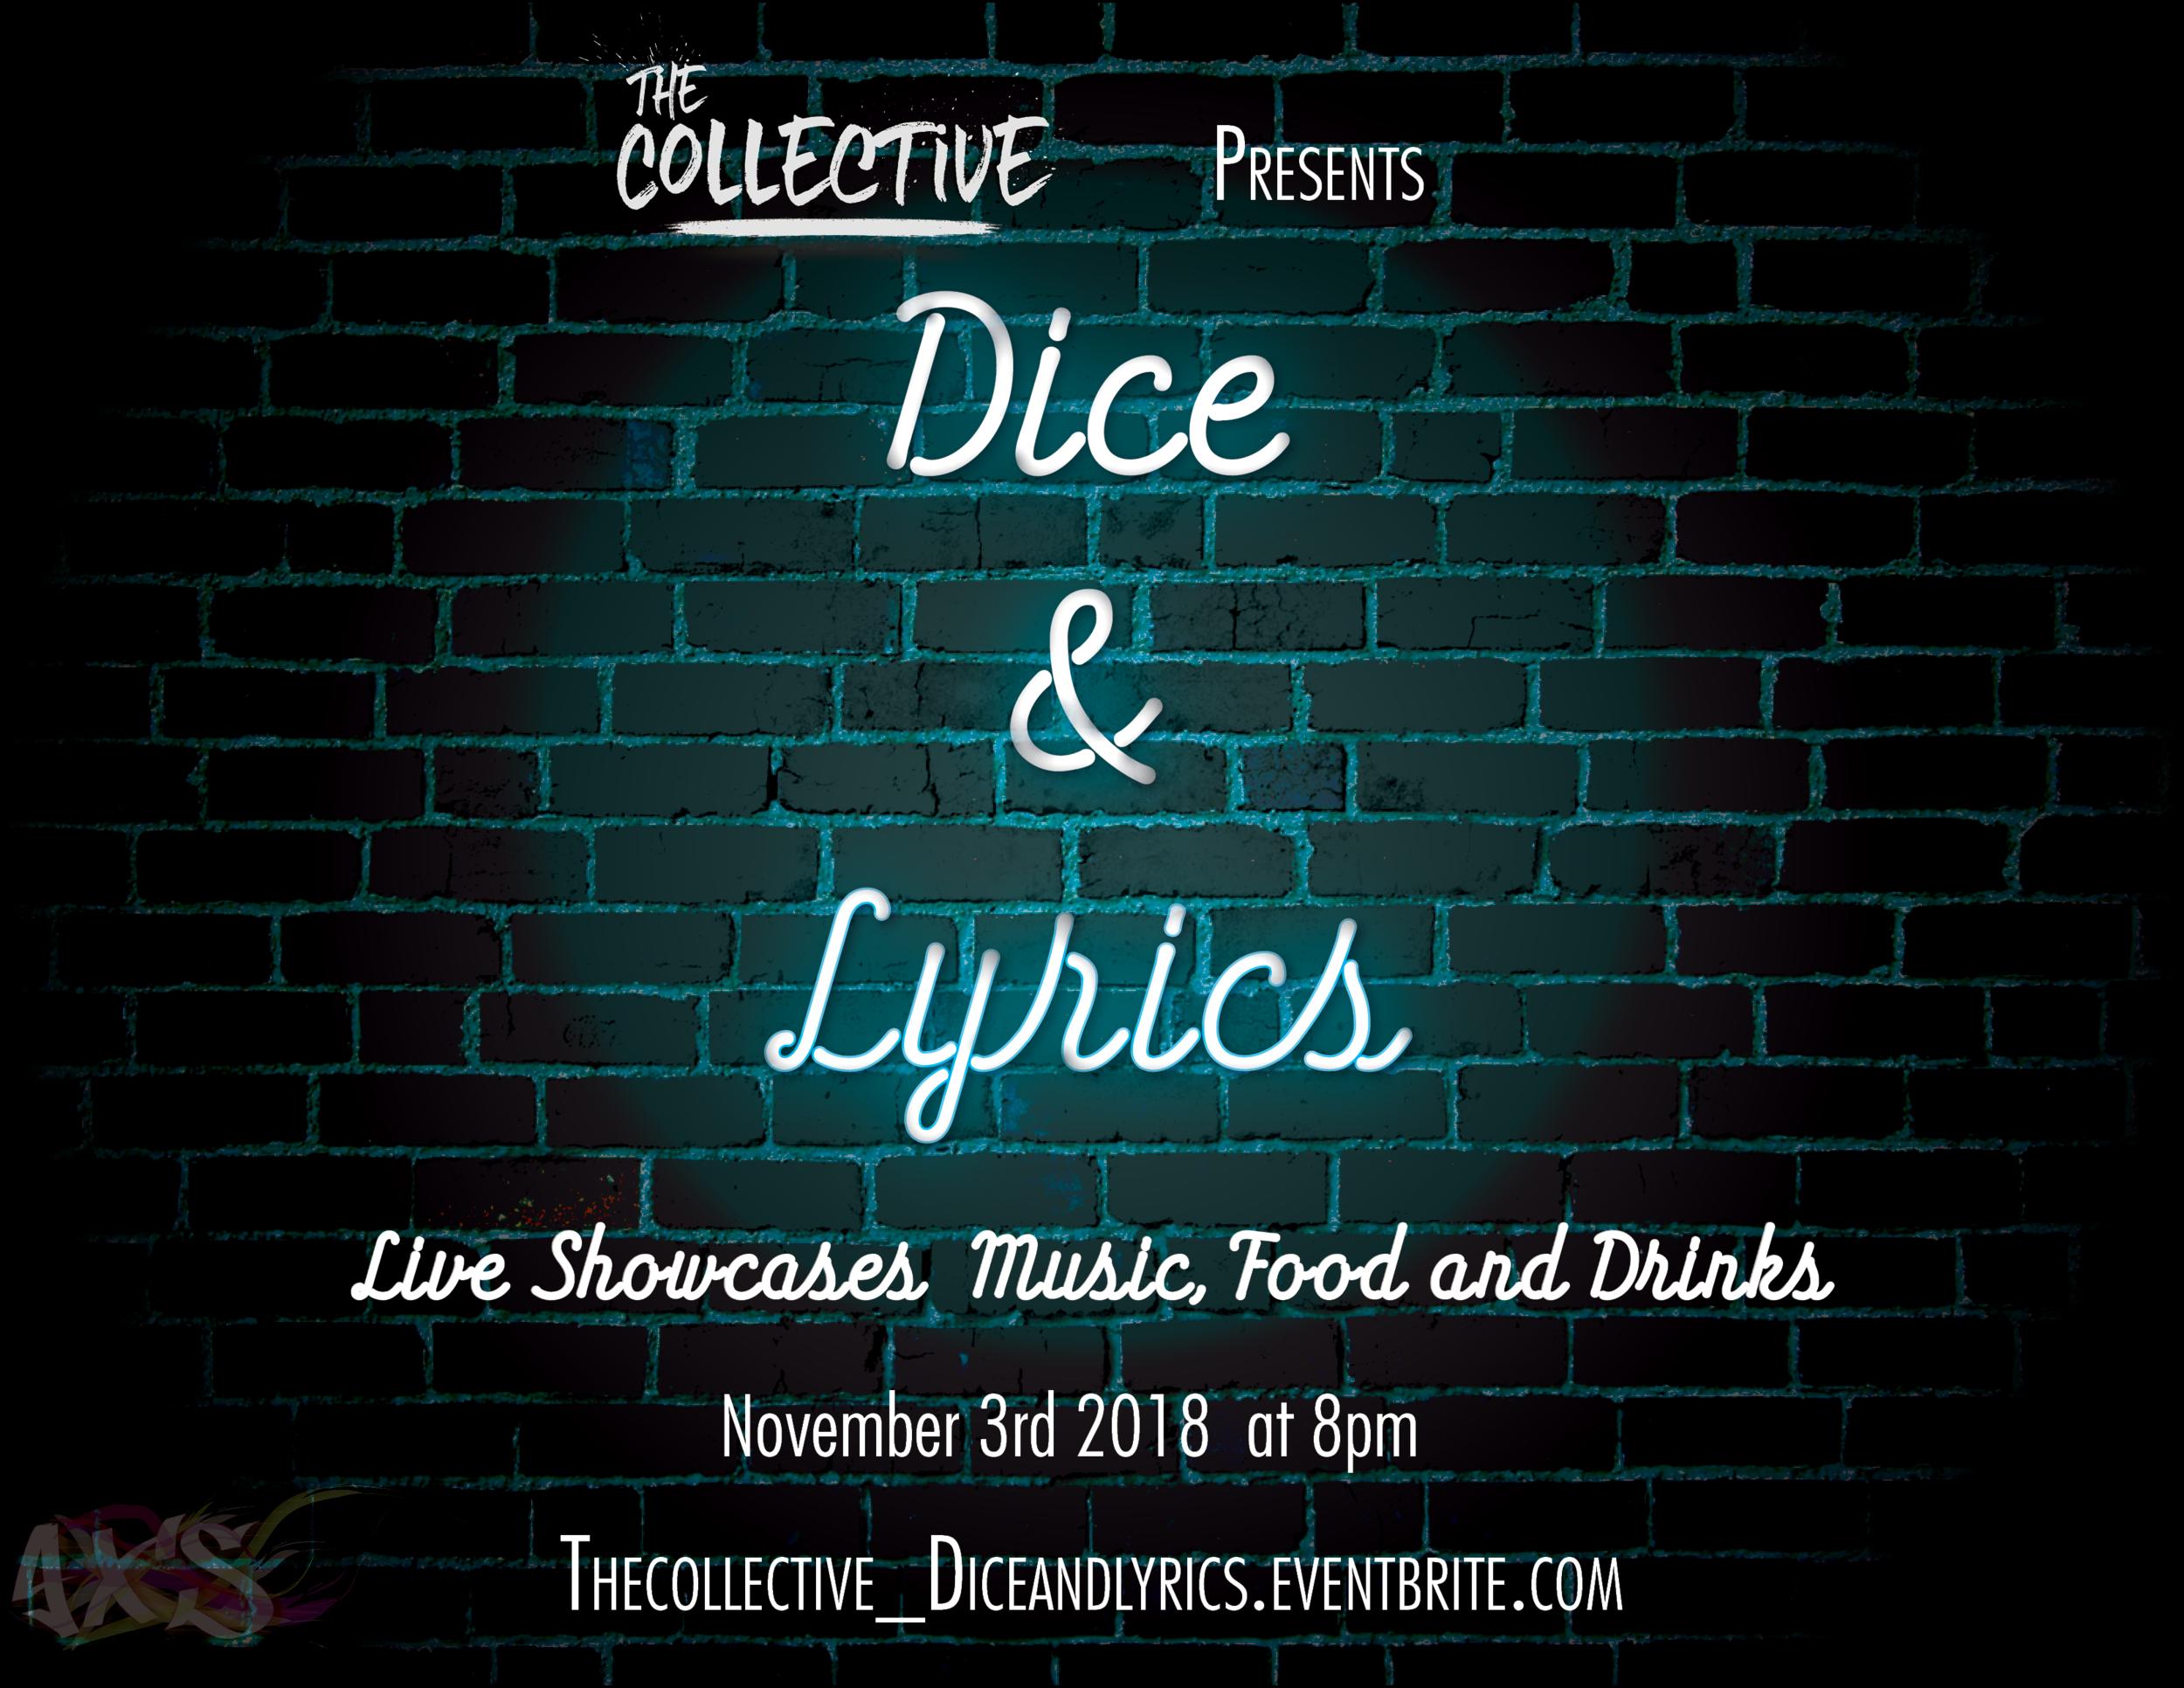 Dice & Lyrics V3.png